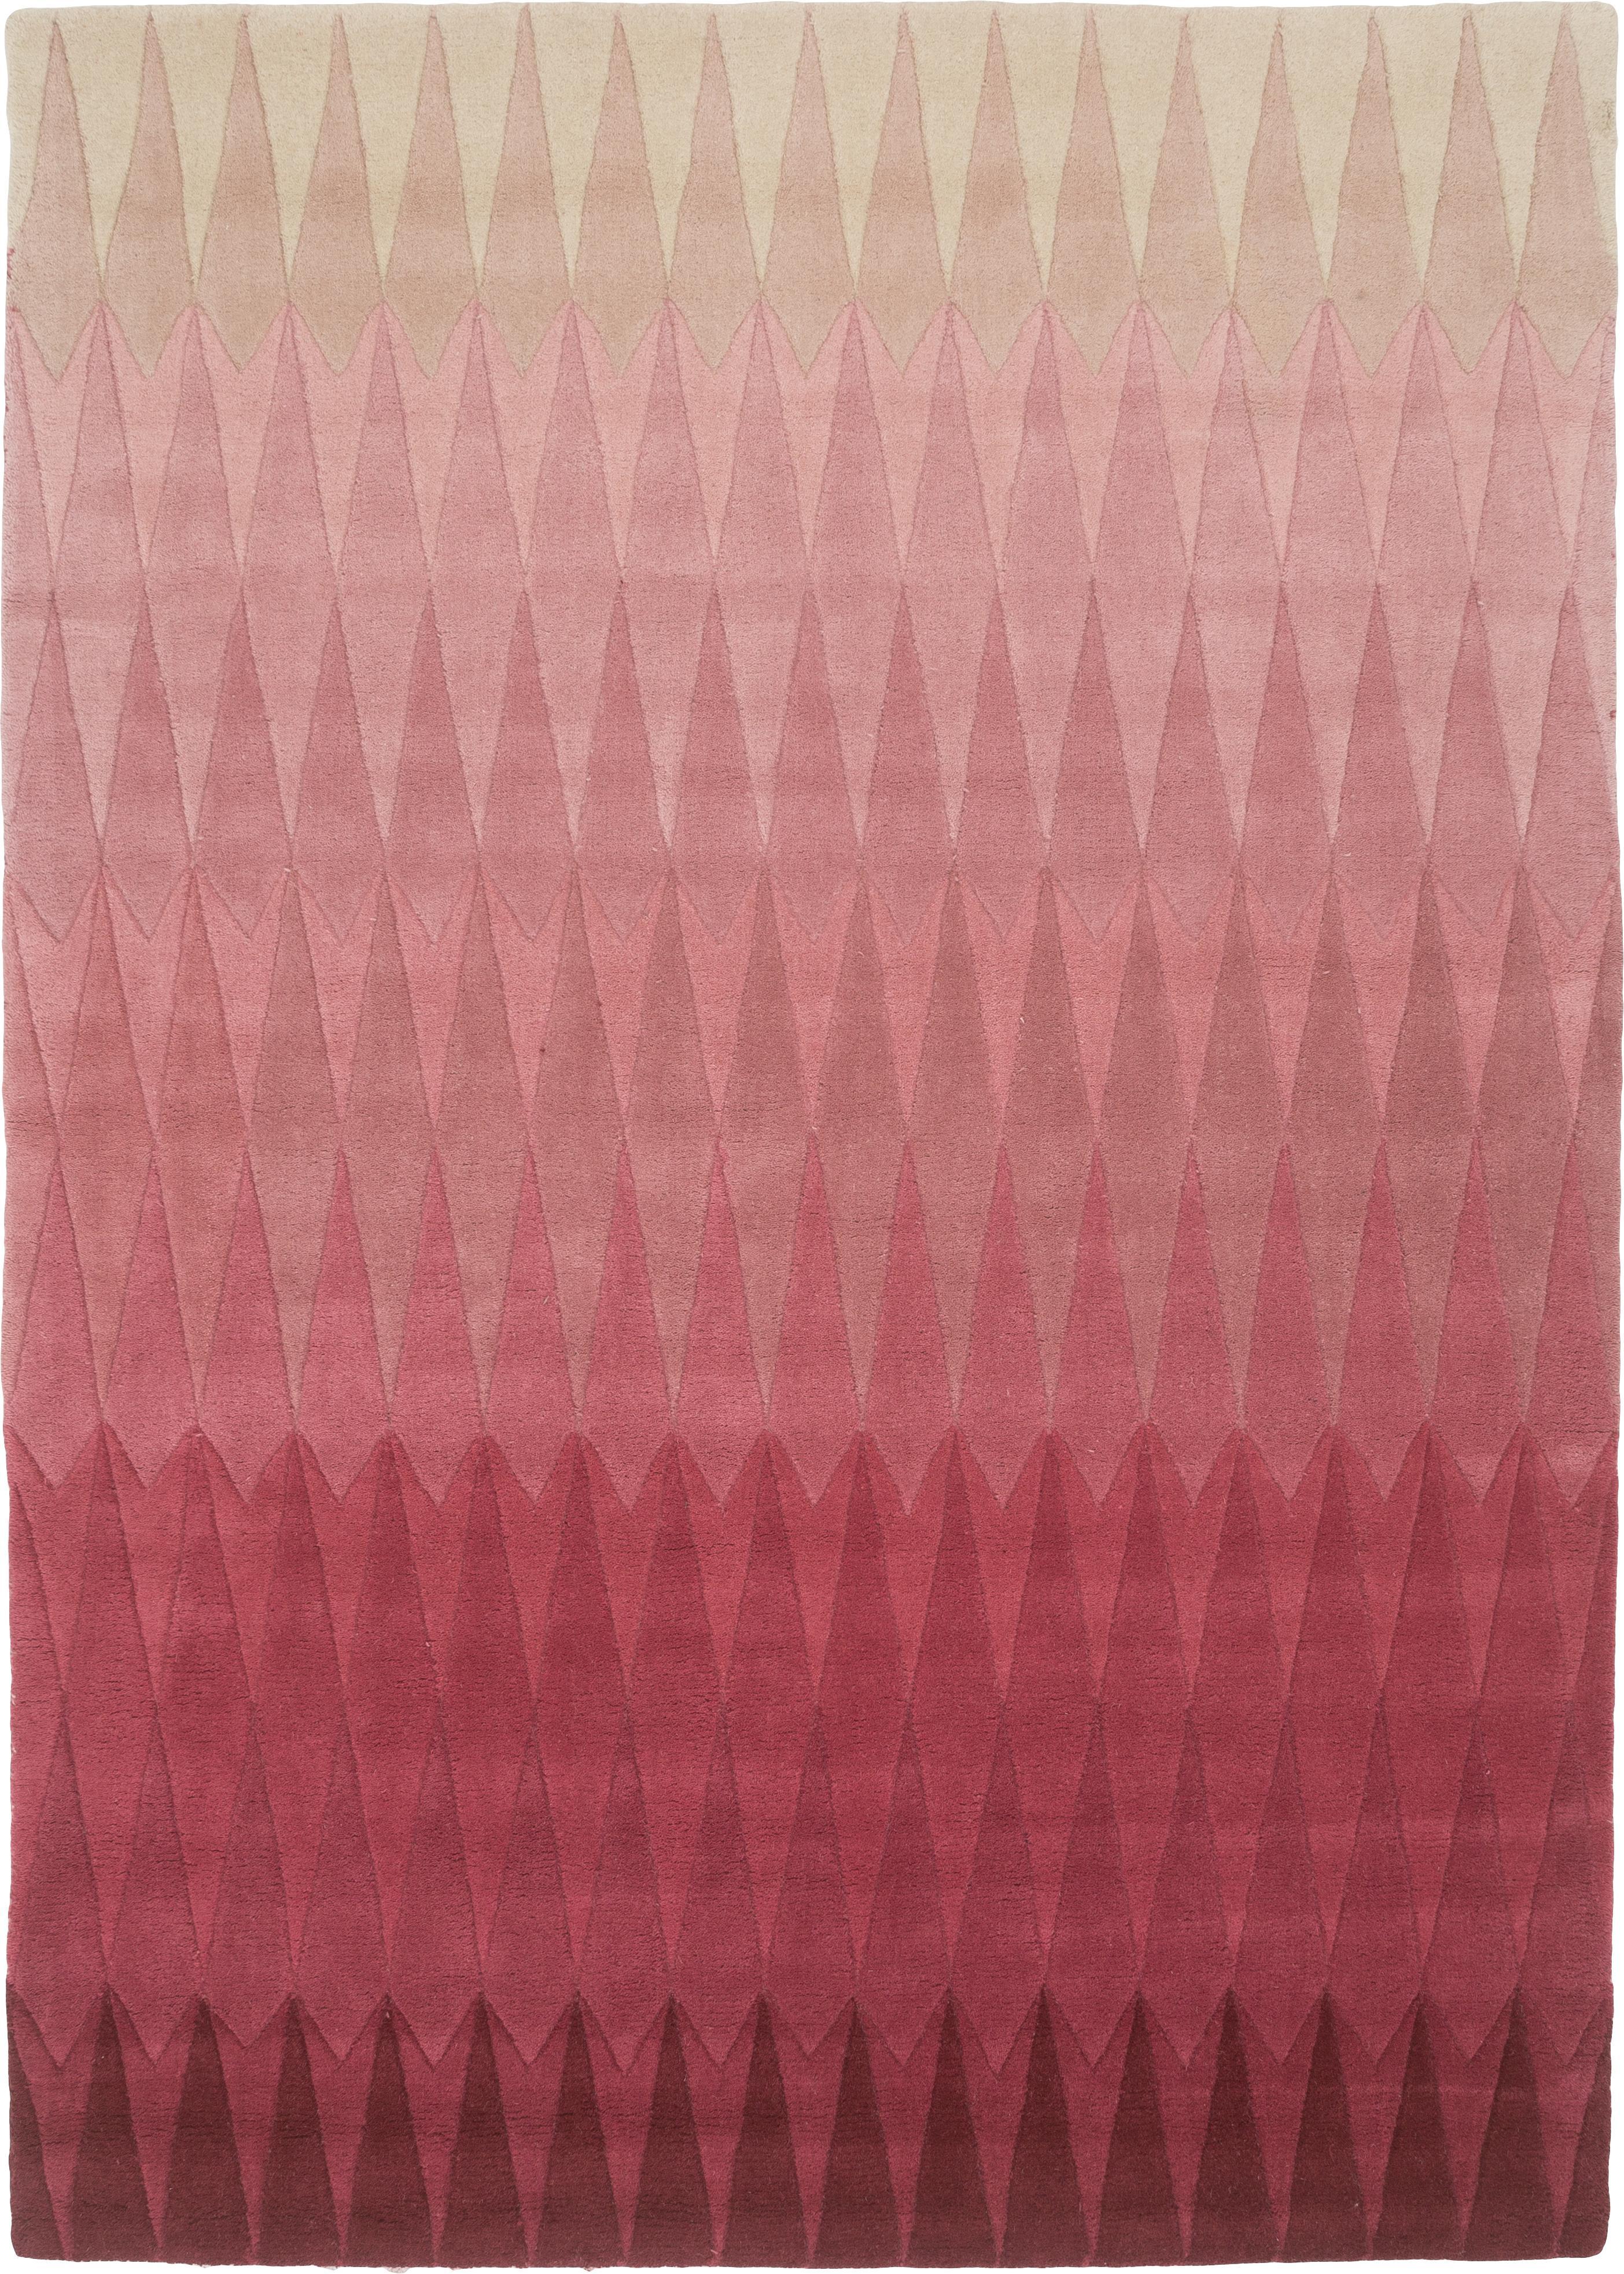 Alfombra artesanal de lana de diseño Acacia, Rosa, An 170 x L 240 cm (Tamaño M)